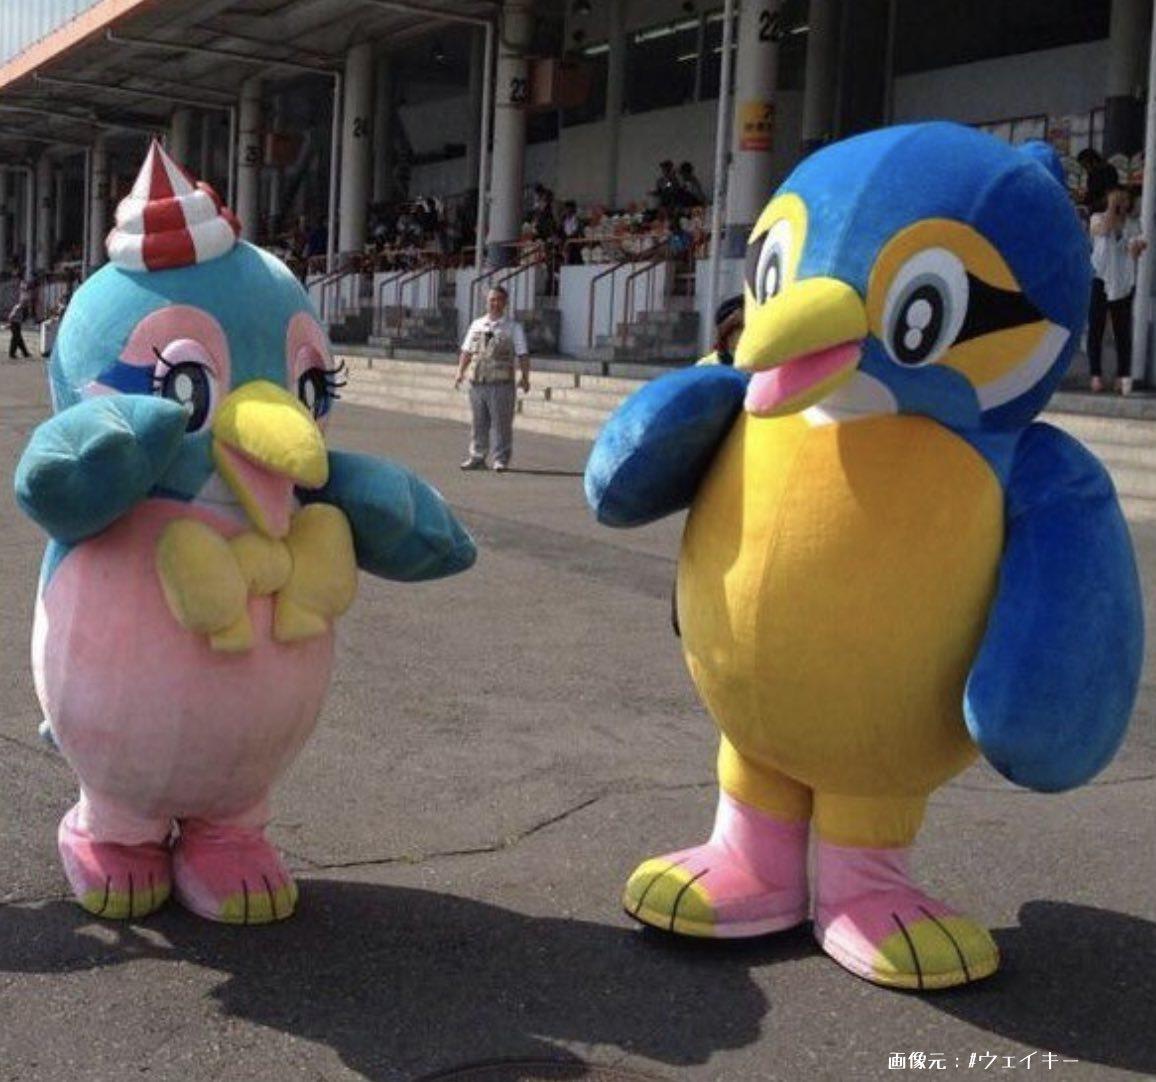 多摩川競艇場のマスコットキャラクター、ウェイキーとリップルの画像